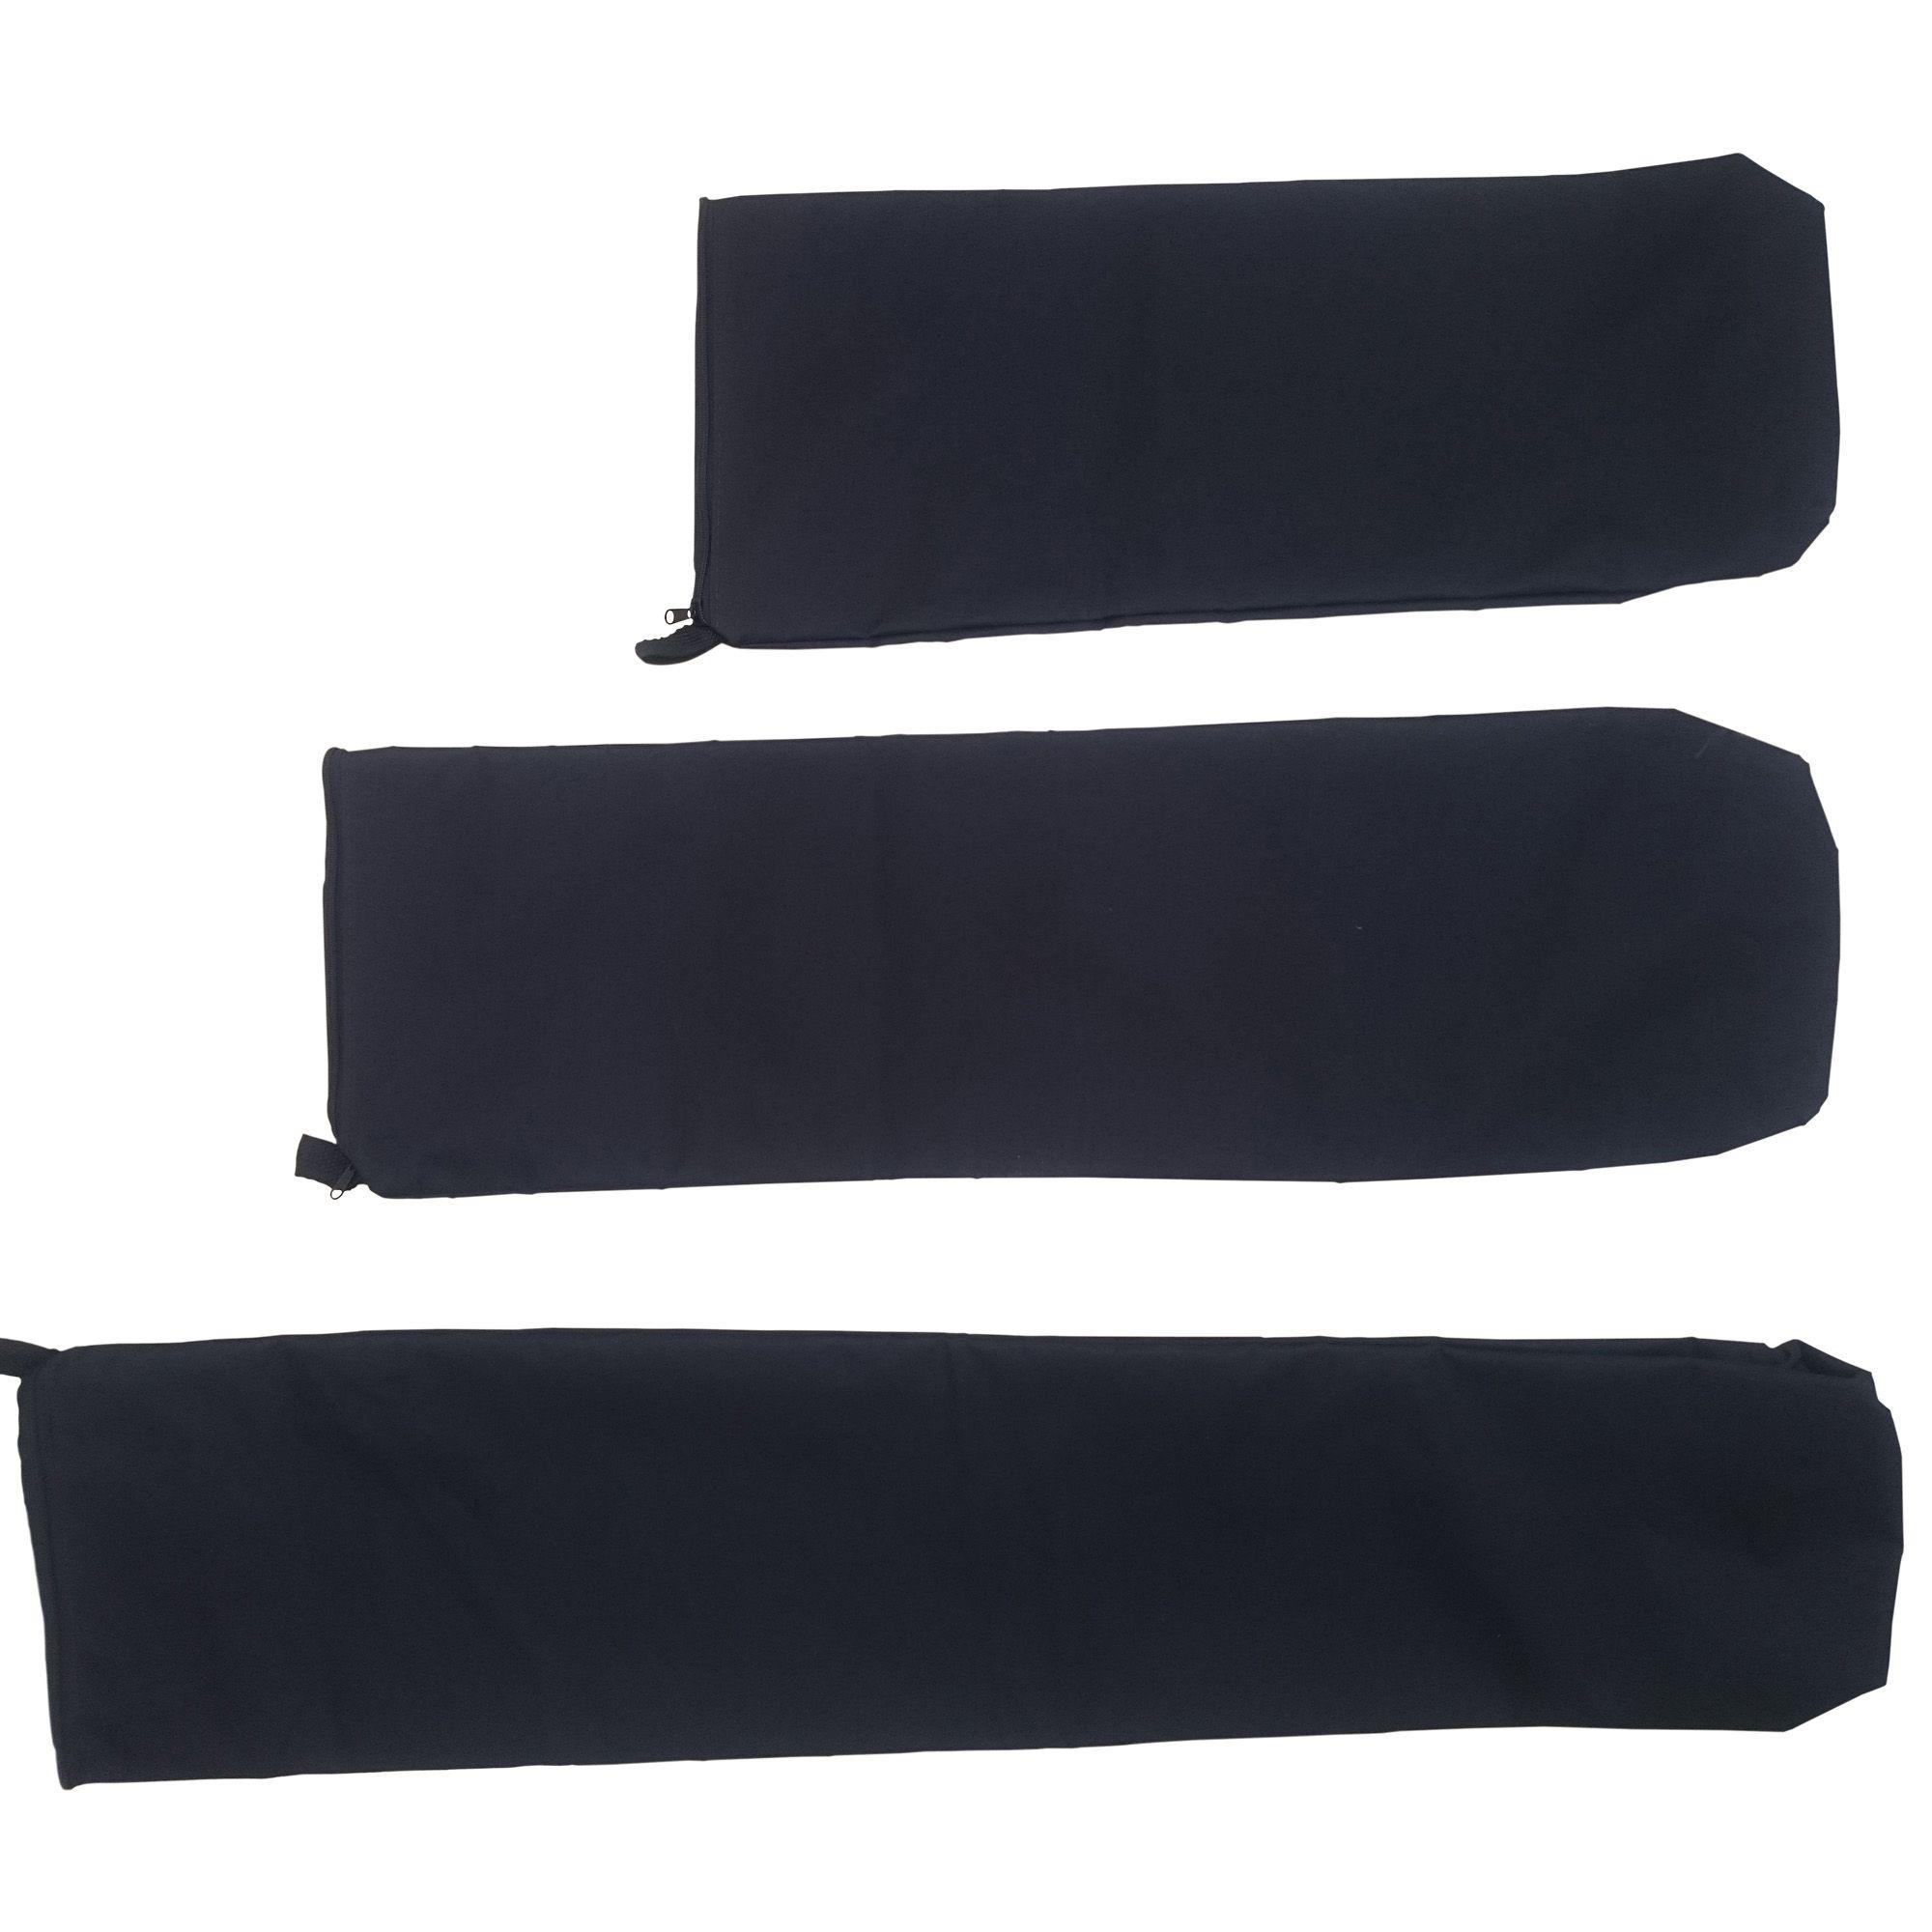 Capa Bag Extra Luxo, Clave & Bag, 4 em 1 De 120 cm Acolchoada, P/ Ferragens De Bateria.